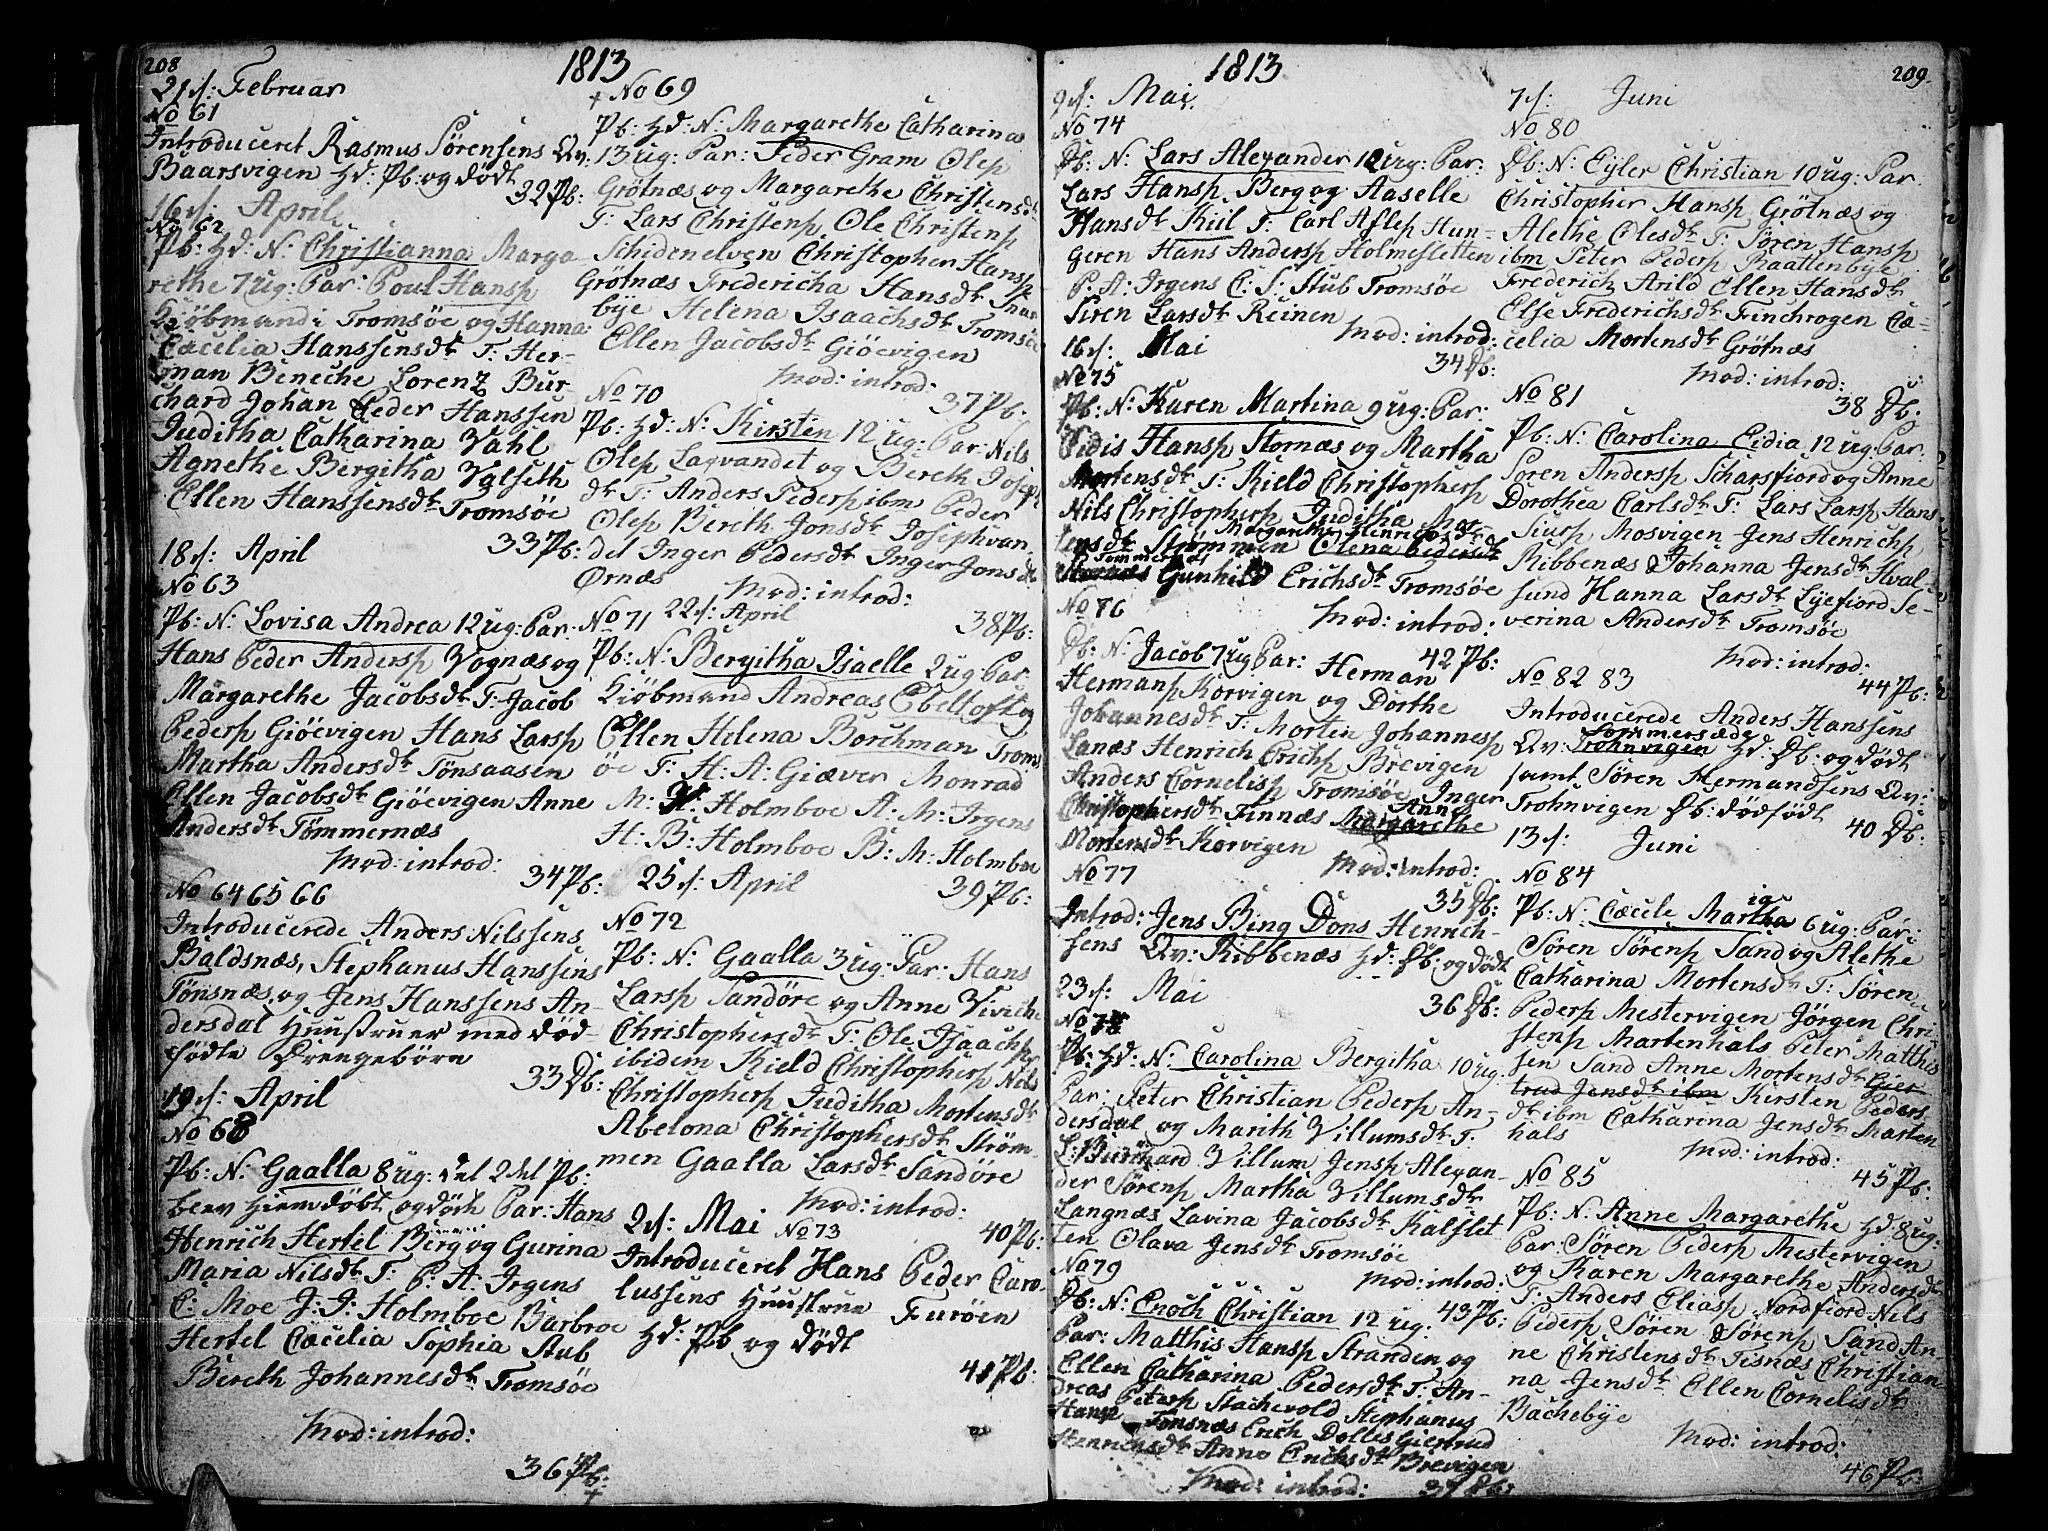 SATØ, Tromsø sokneprestkontor/stiftsprosti/domprosti, G/Ga/L0006kirke: Ministerialbok nr. 6, 1806-1821, s. 208-209